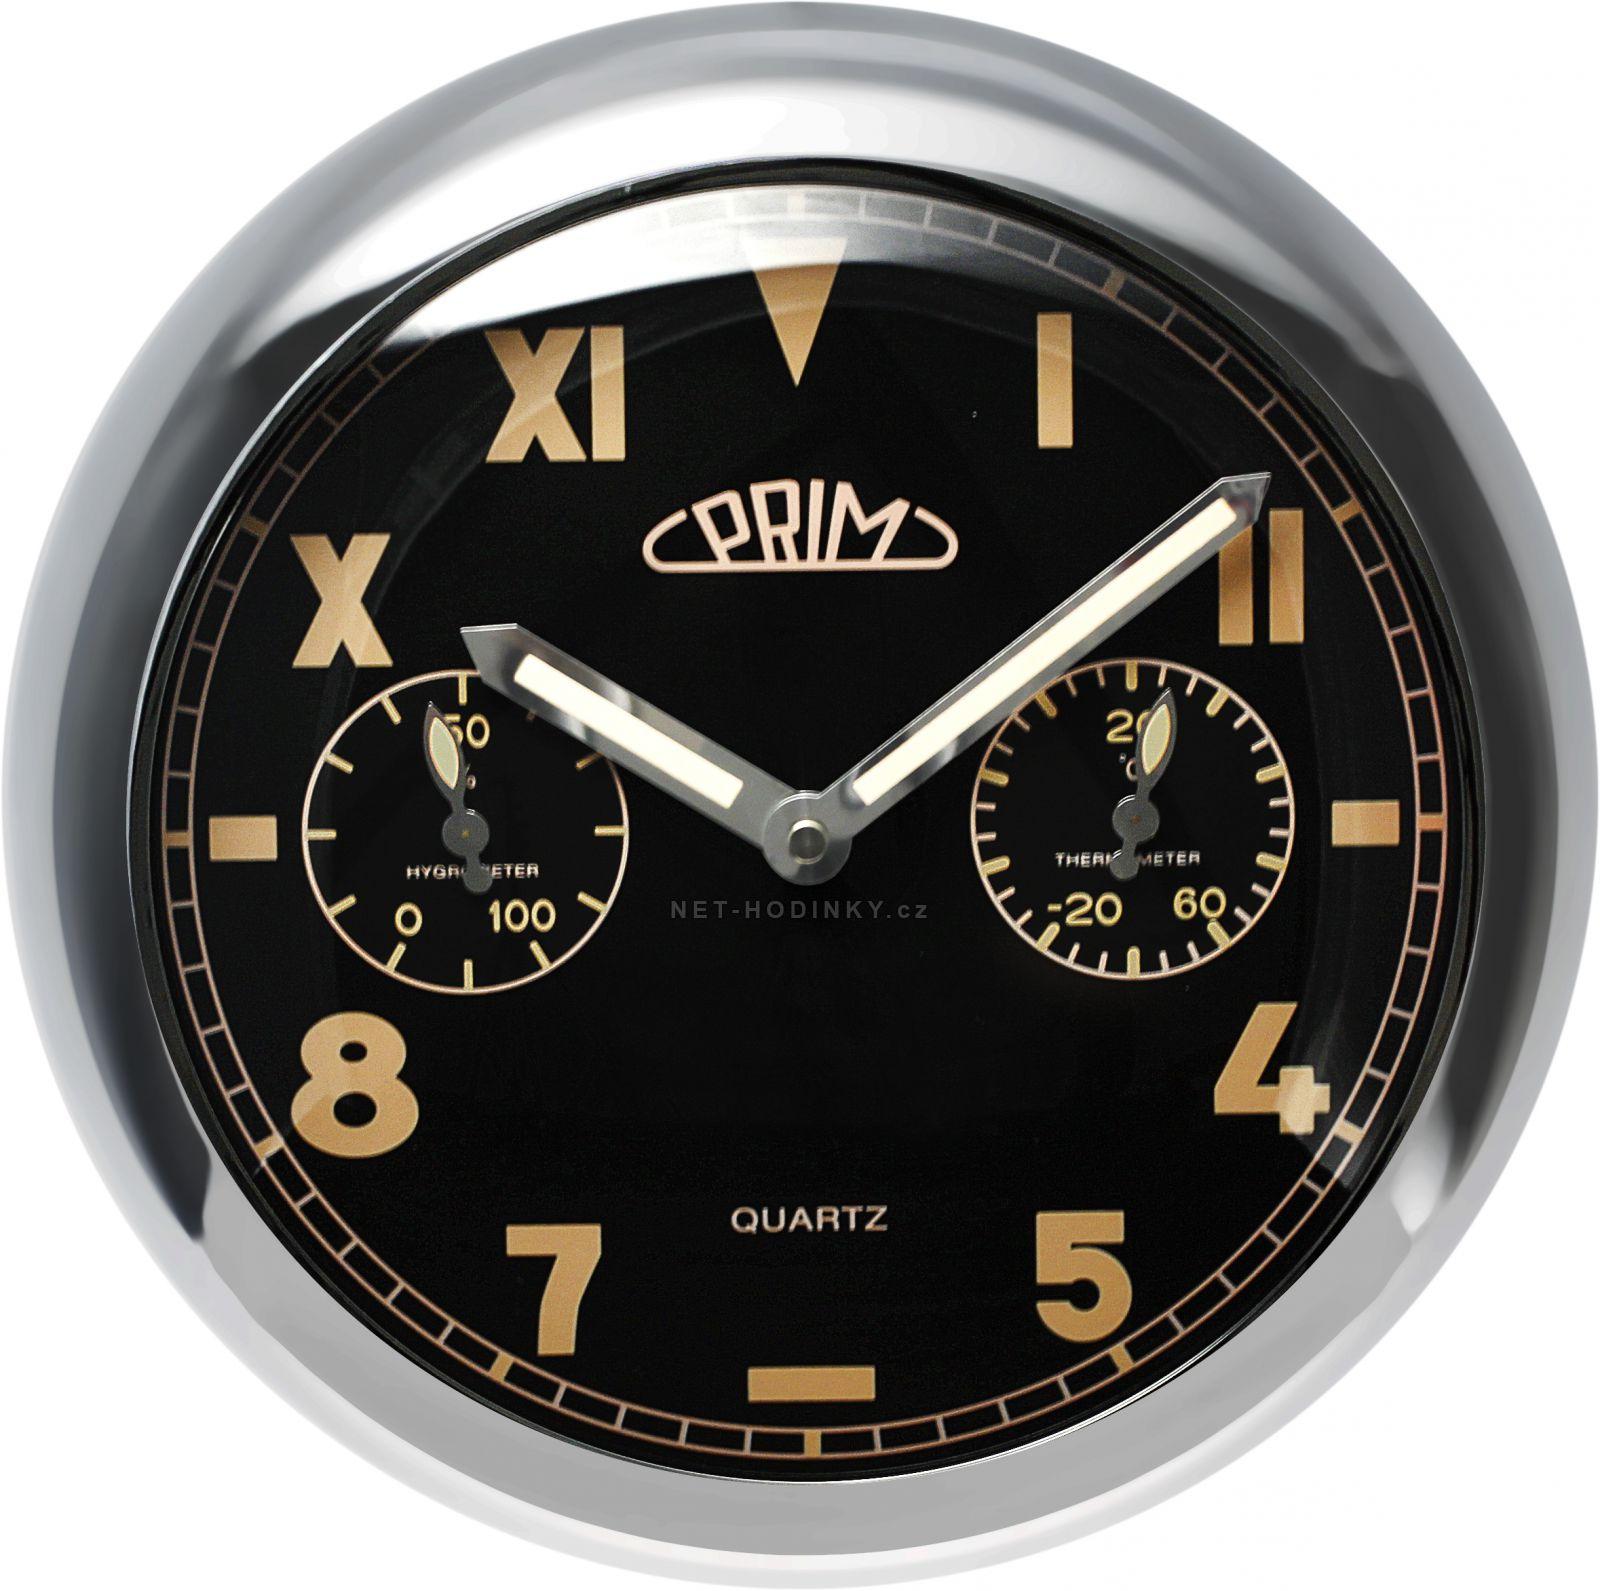 Kovové nástěnné hodiny PRIM s teploměrem a vlhoměrem 7190 - stříbrná lesklá/černá